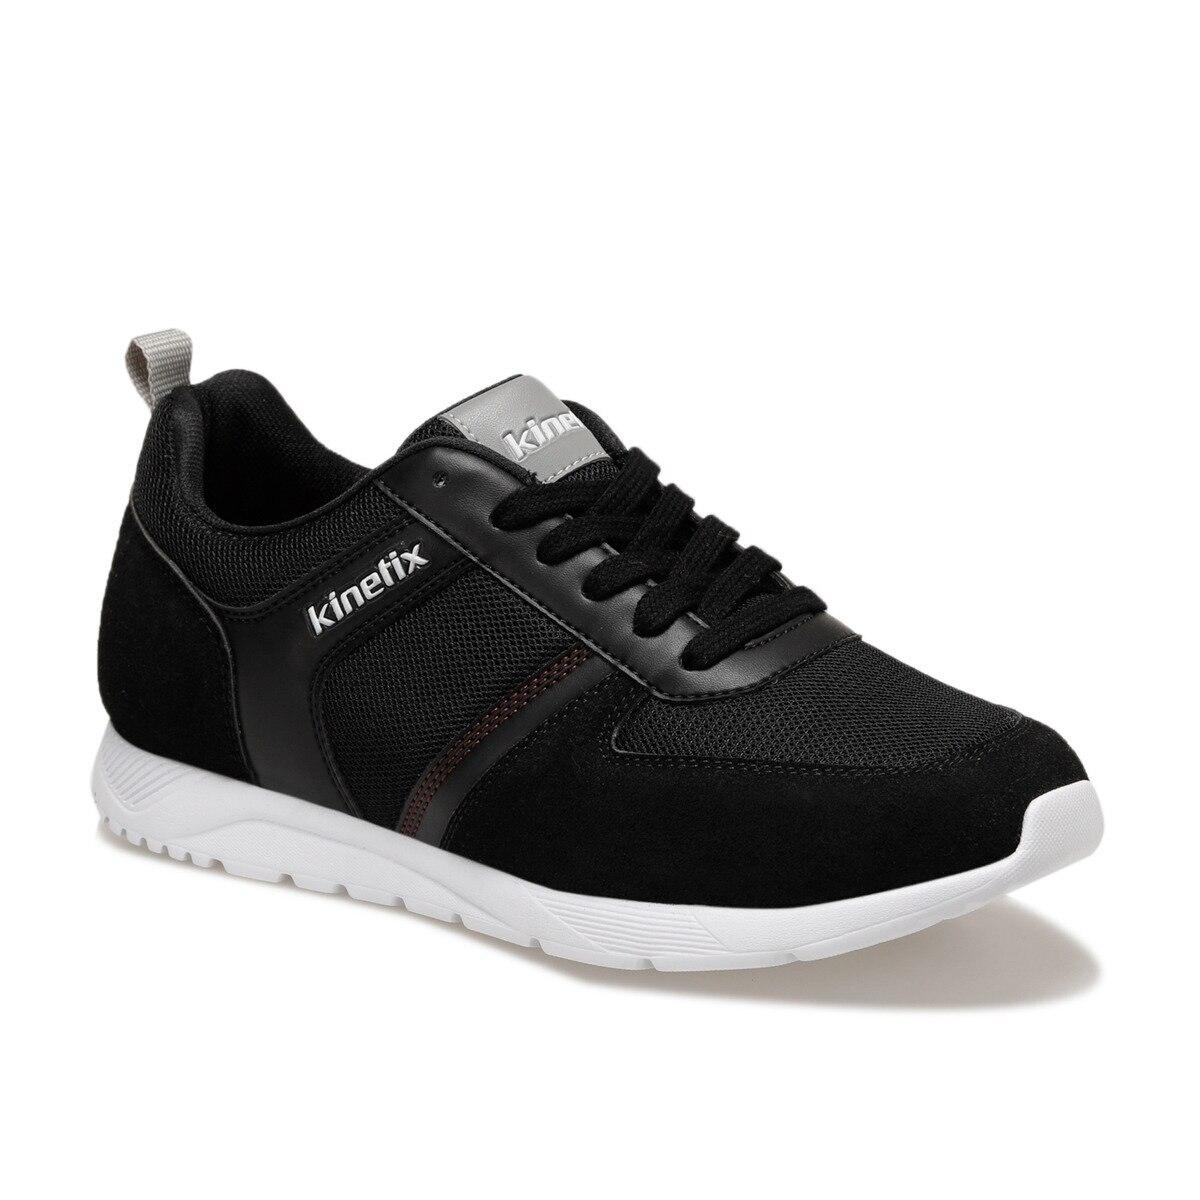 FLO CORDOVA Black Men 'S Sneaker Shoes KINETIX